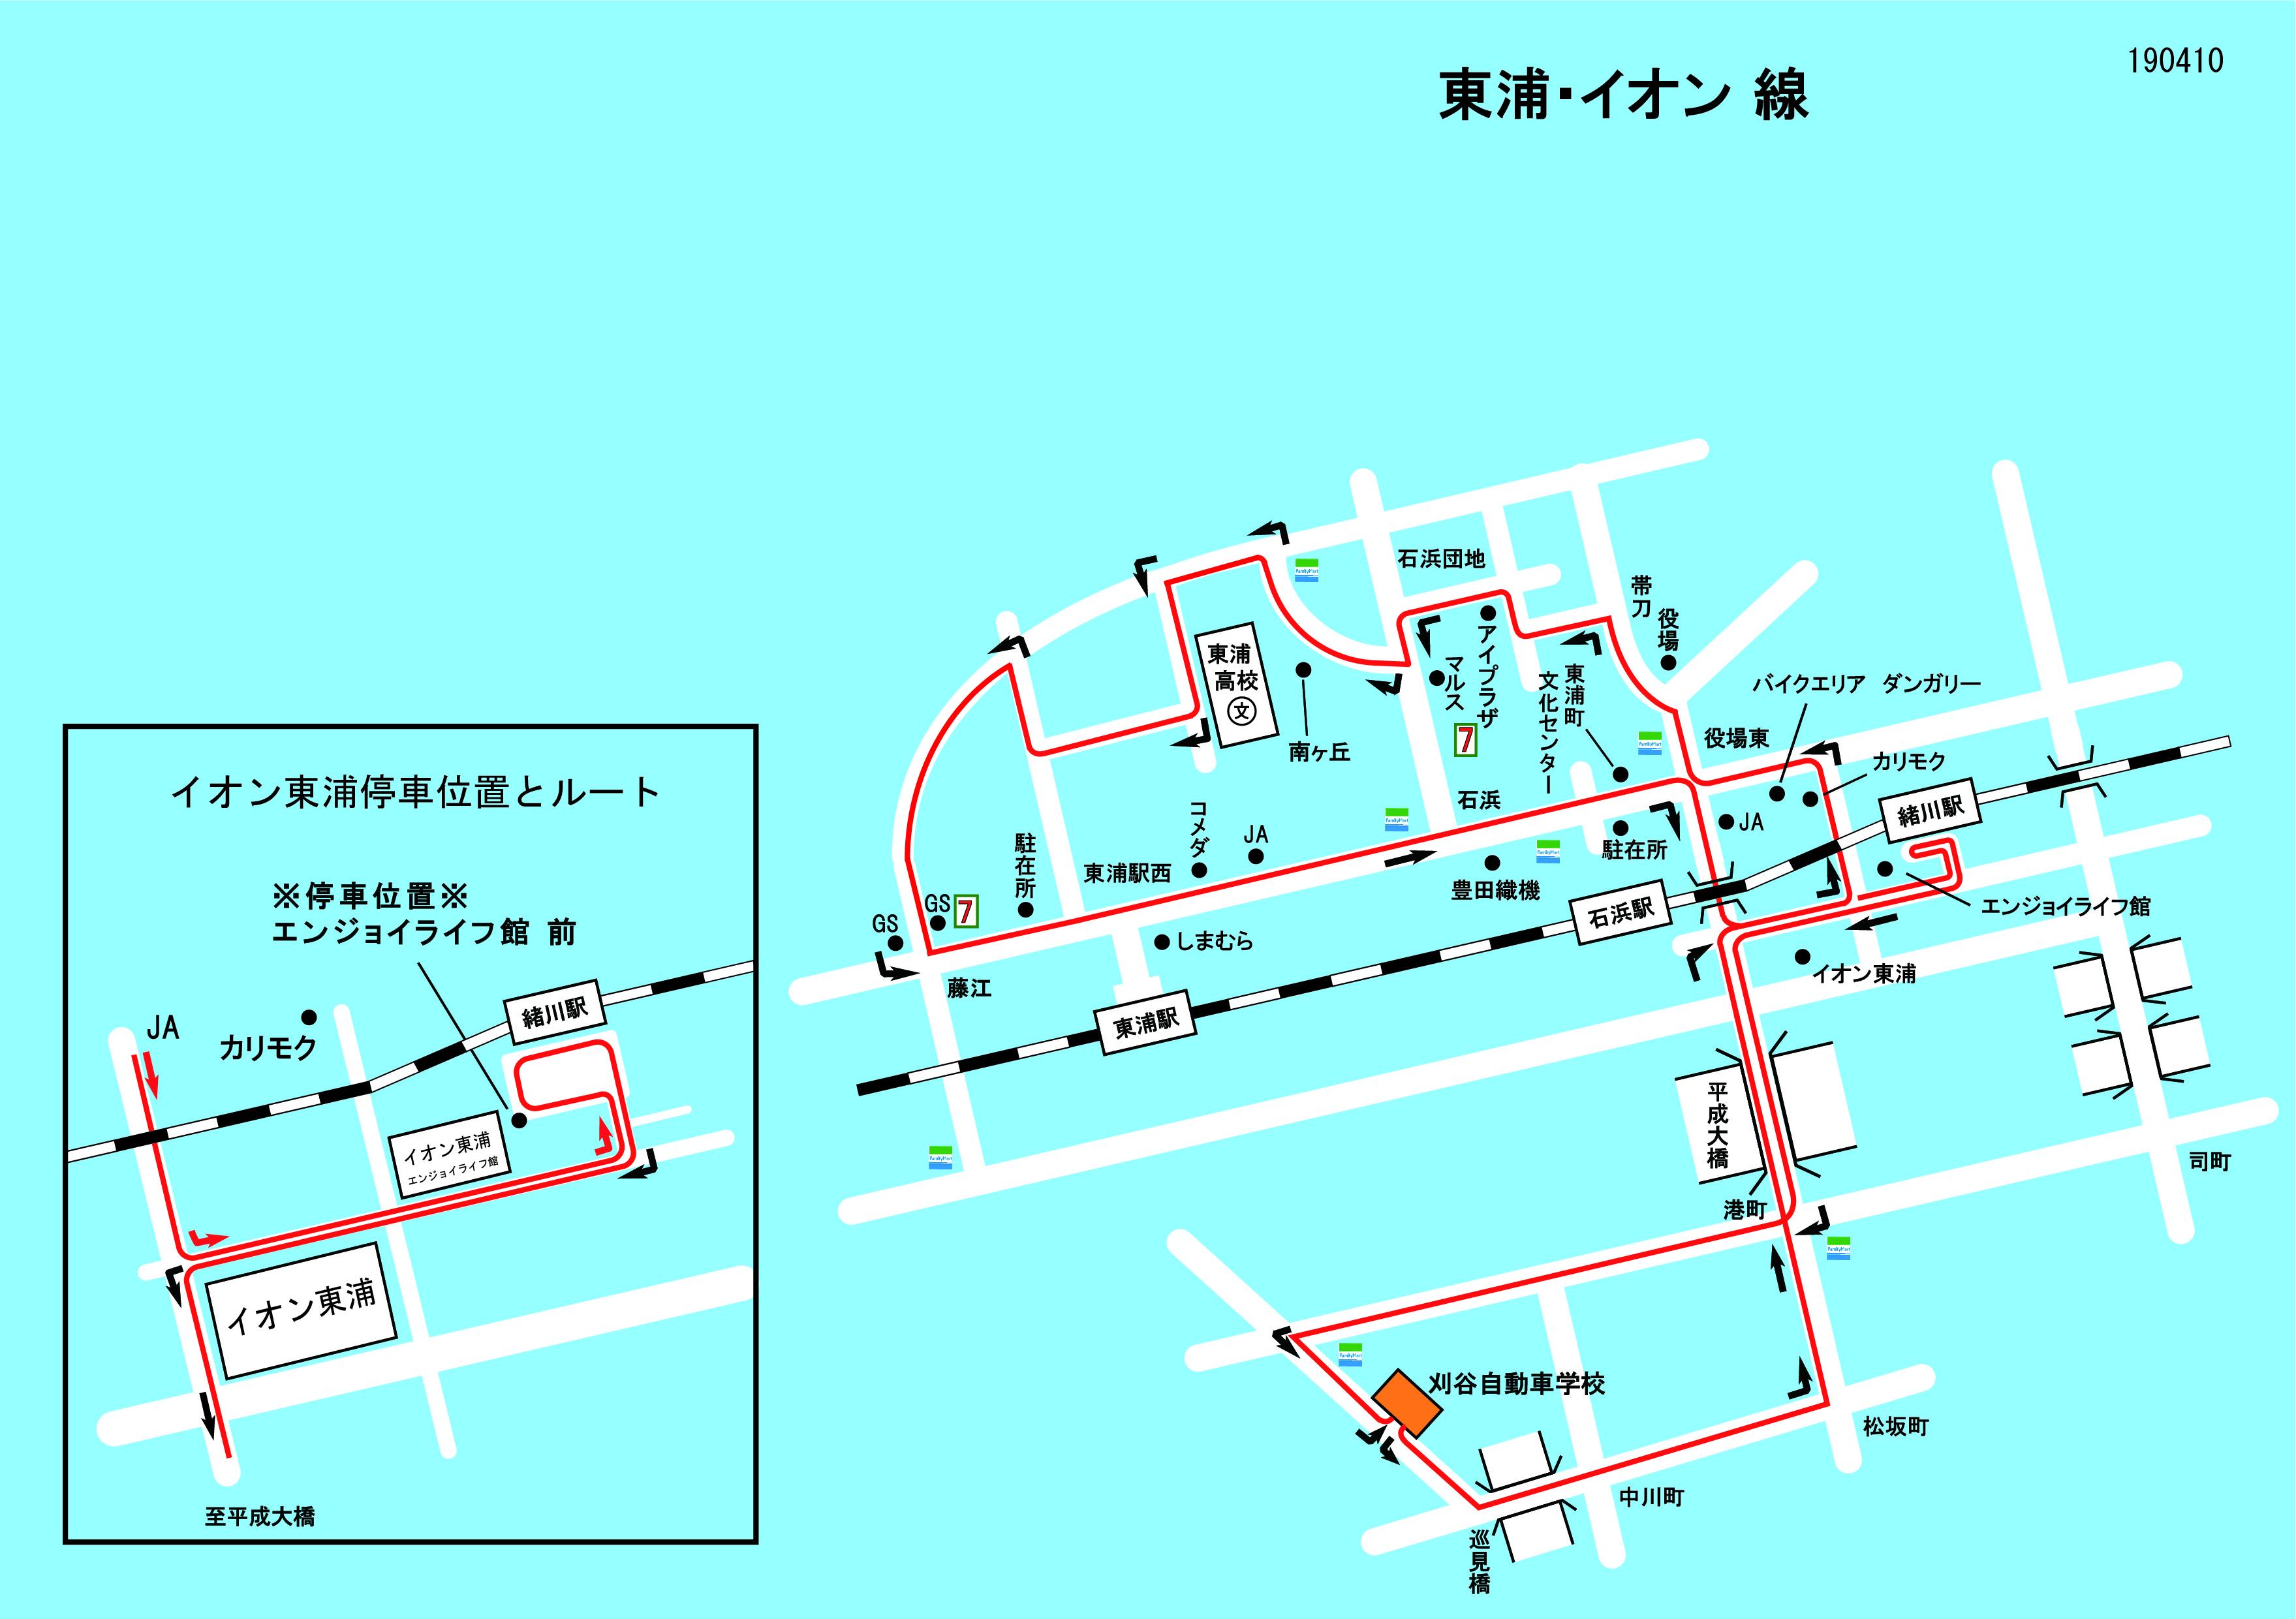 東浦・イオン線